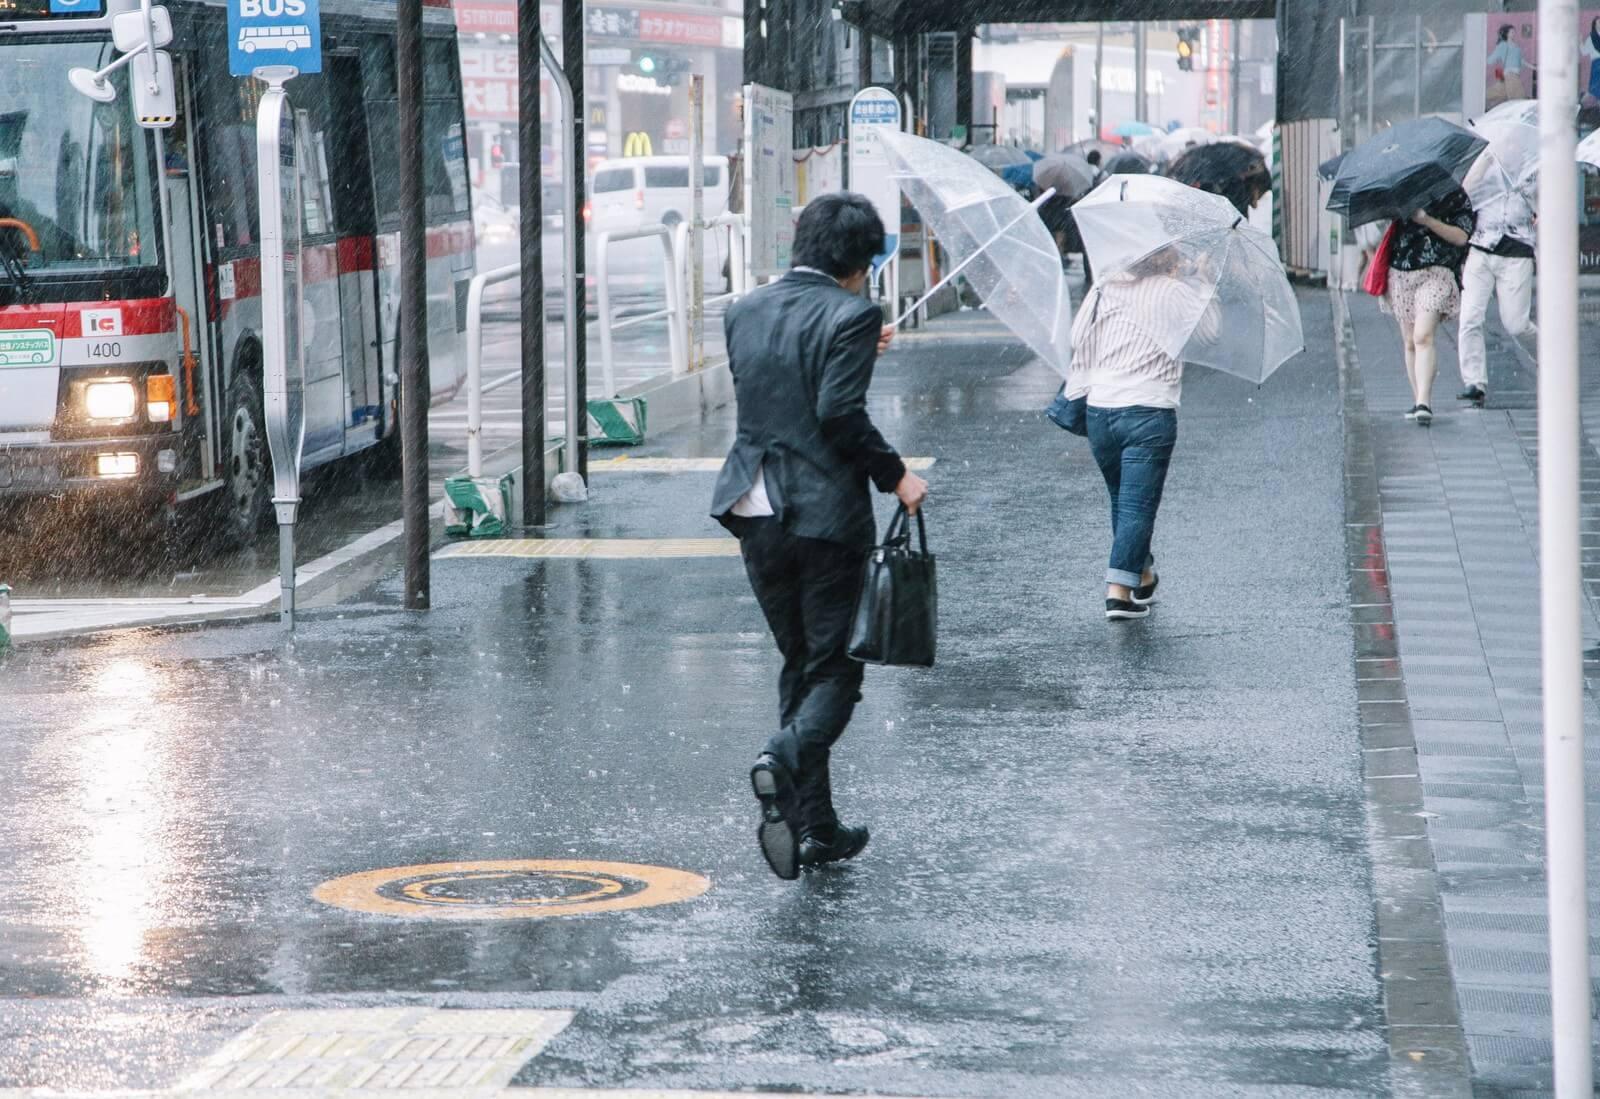 【狩野川台風に匹敵】台風19号の予想雨量がヤバい